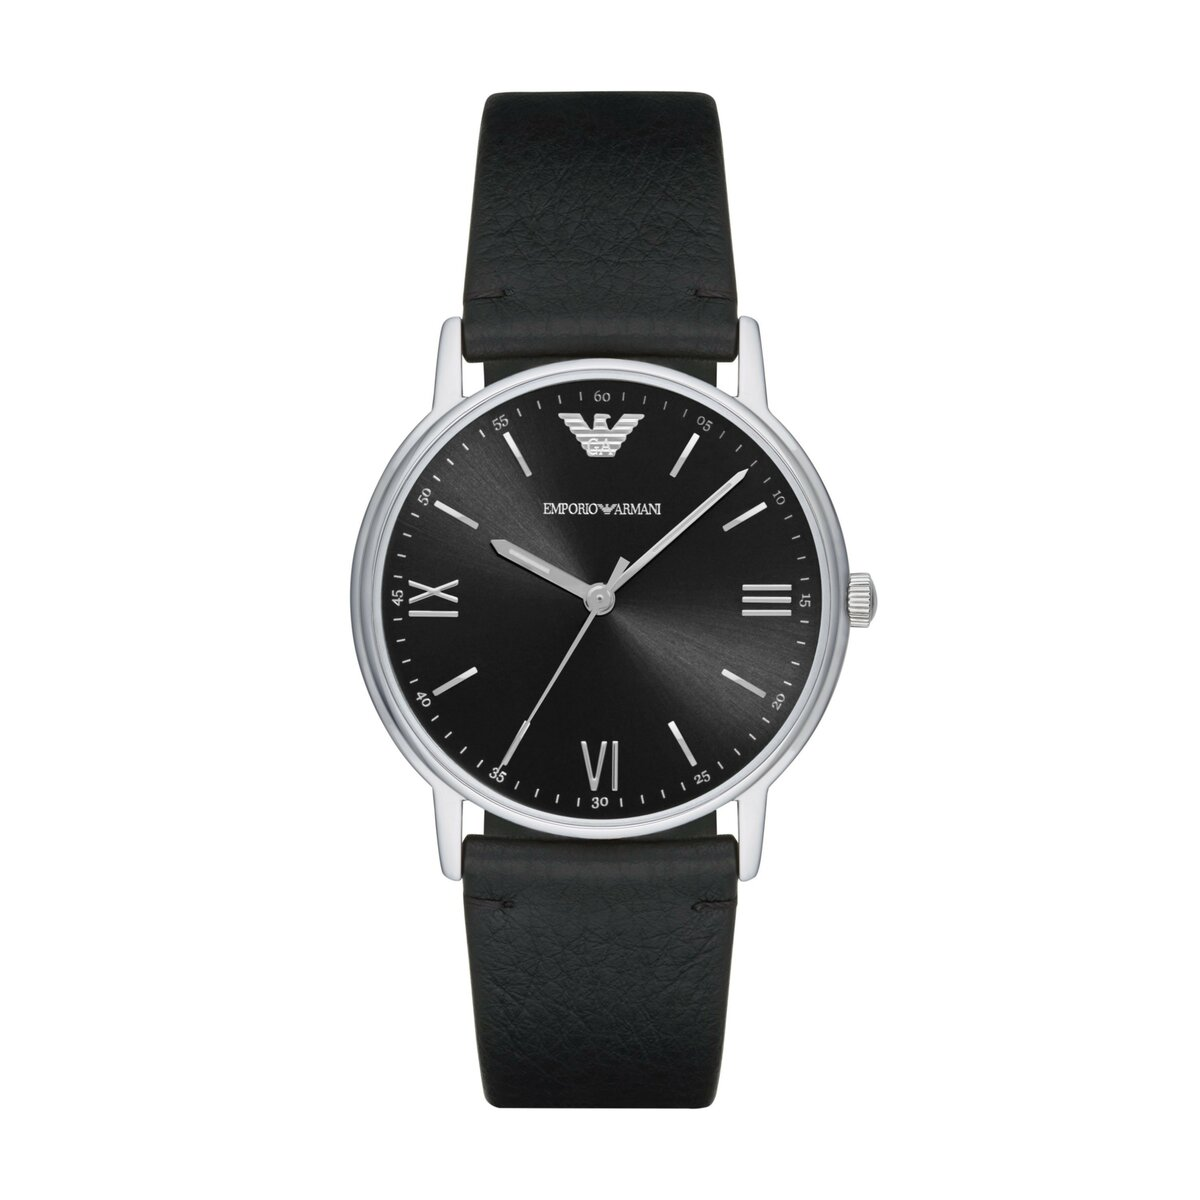 Часы Emporio Armani в Грозном